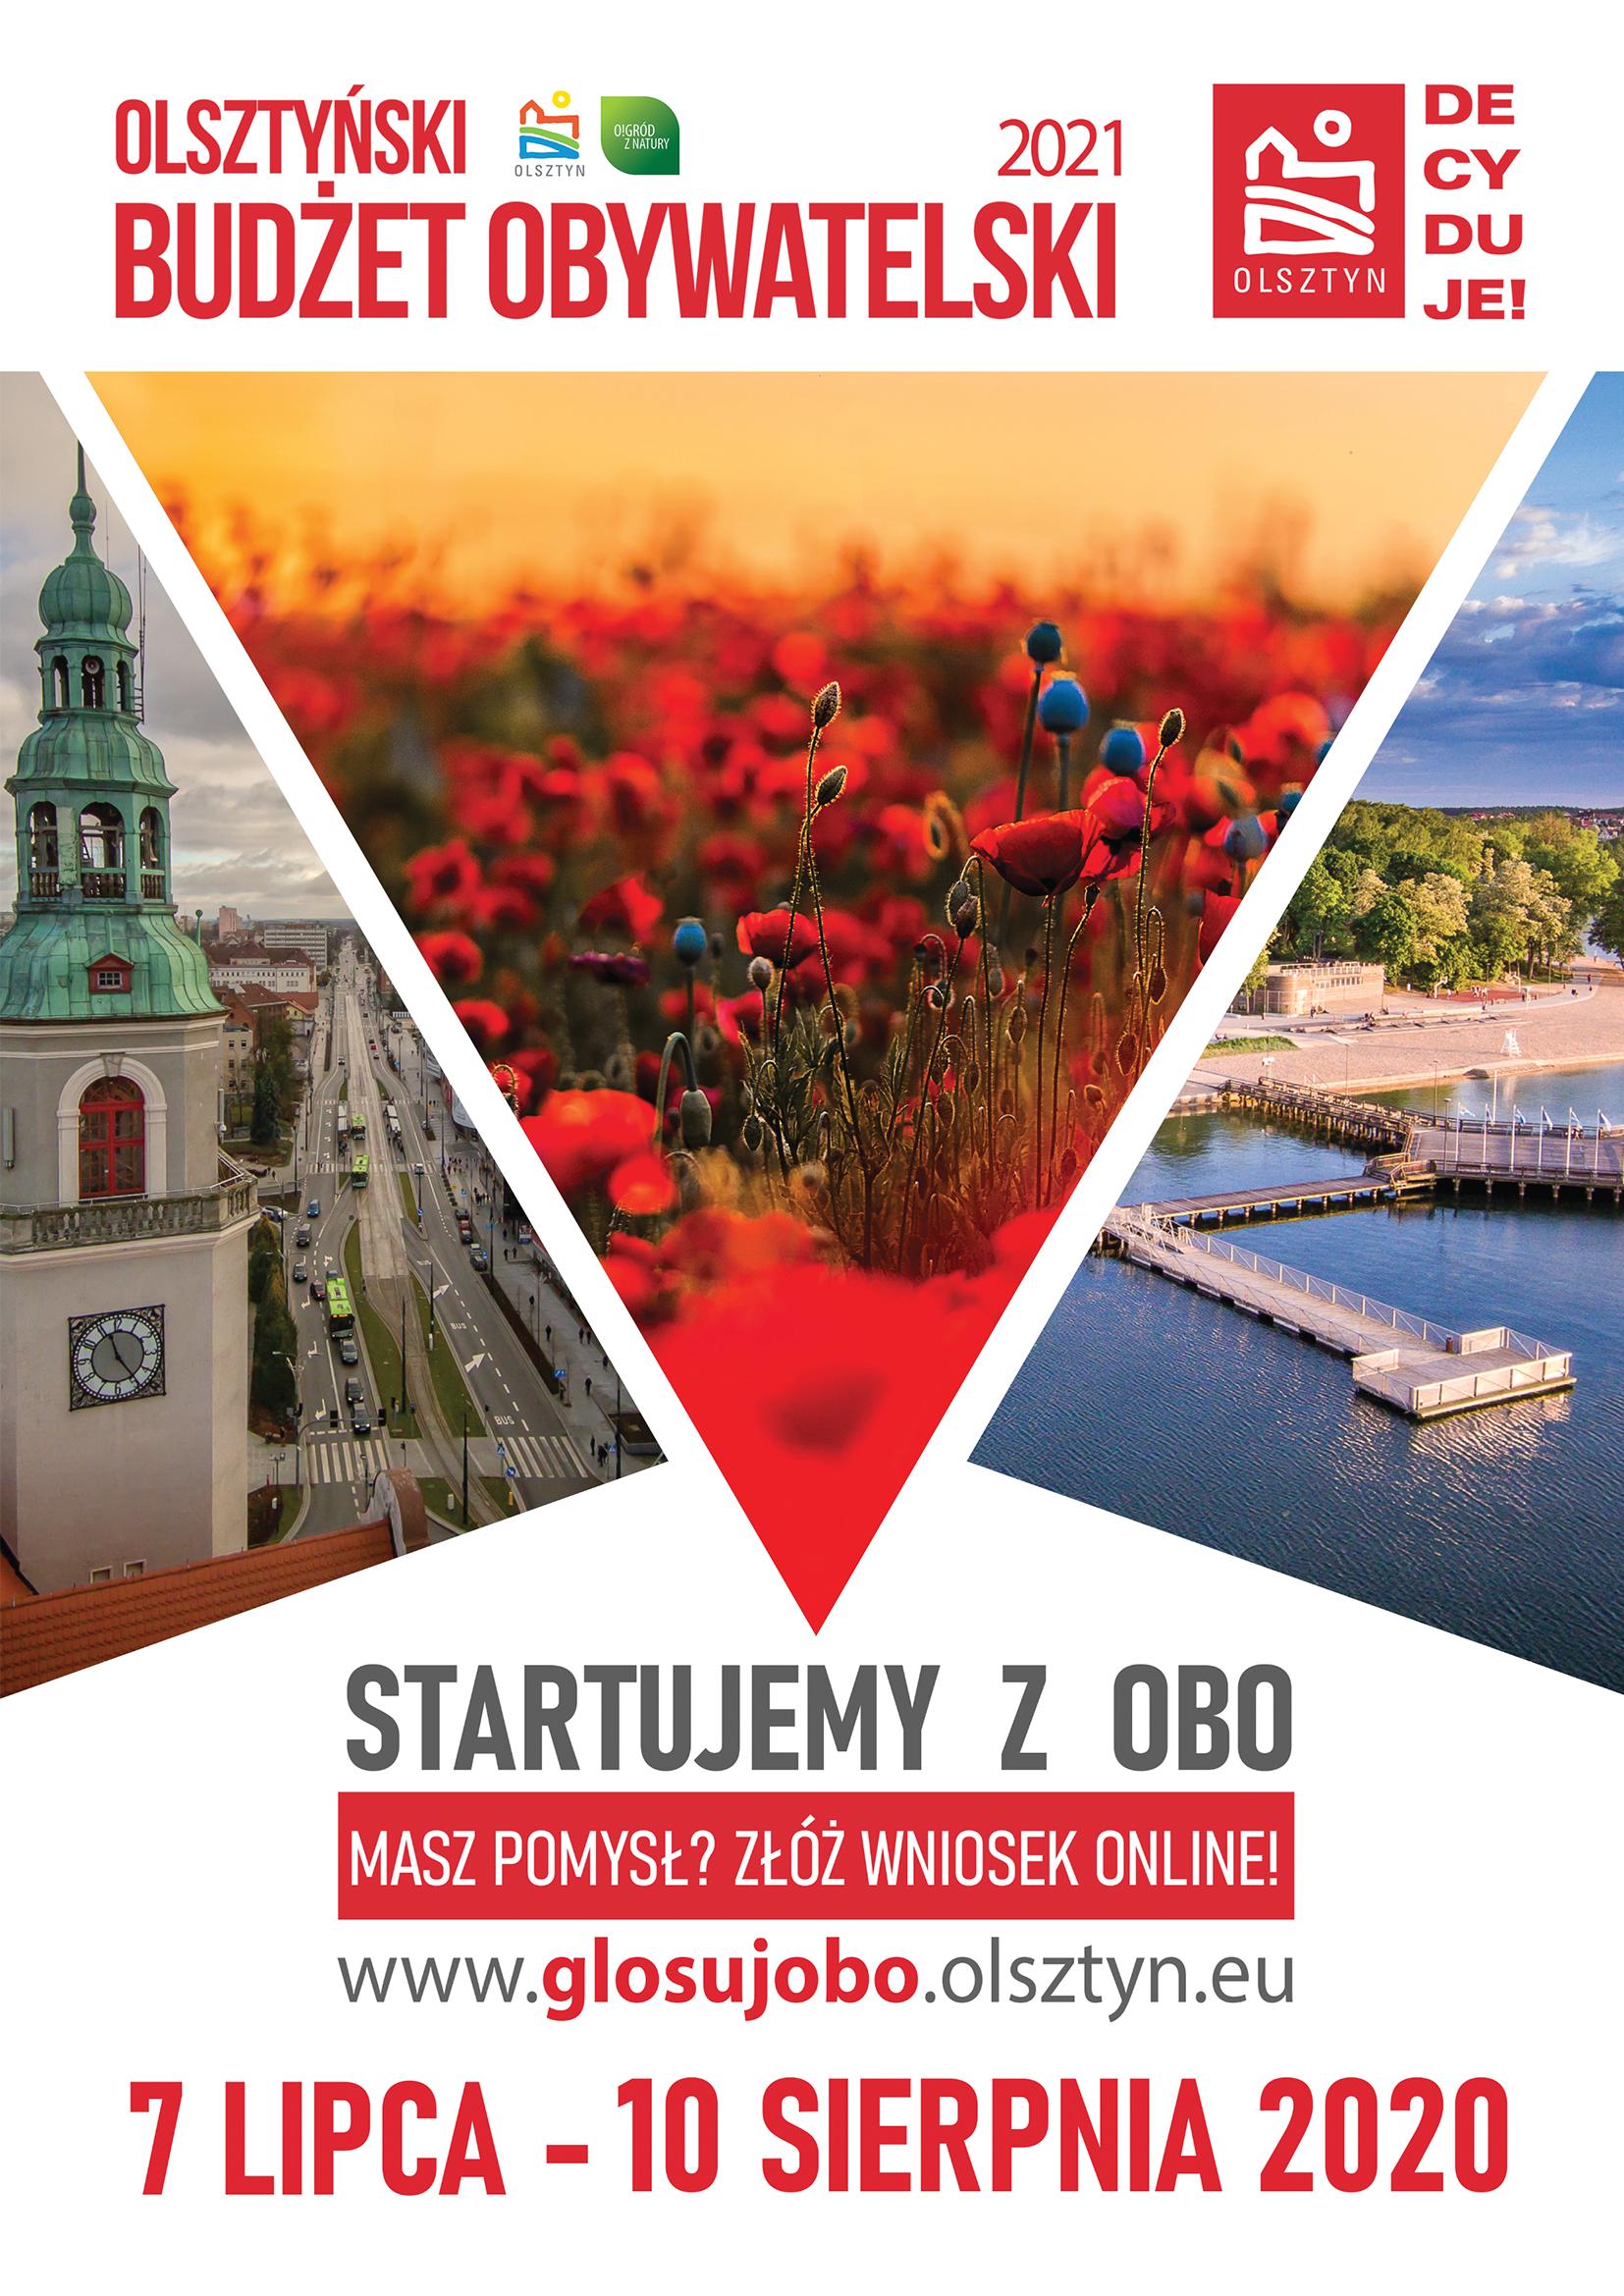 Startujemy z OBO – promujemy Olsztyński Budżet Obywatelski